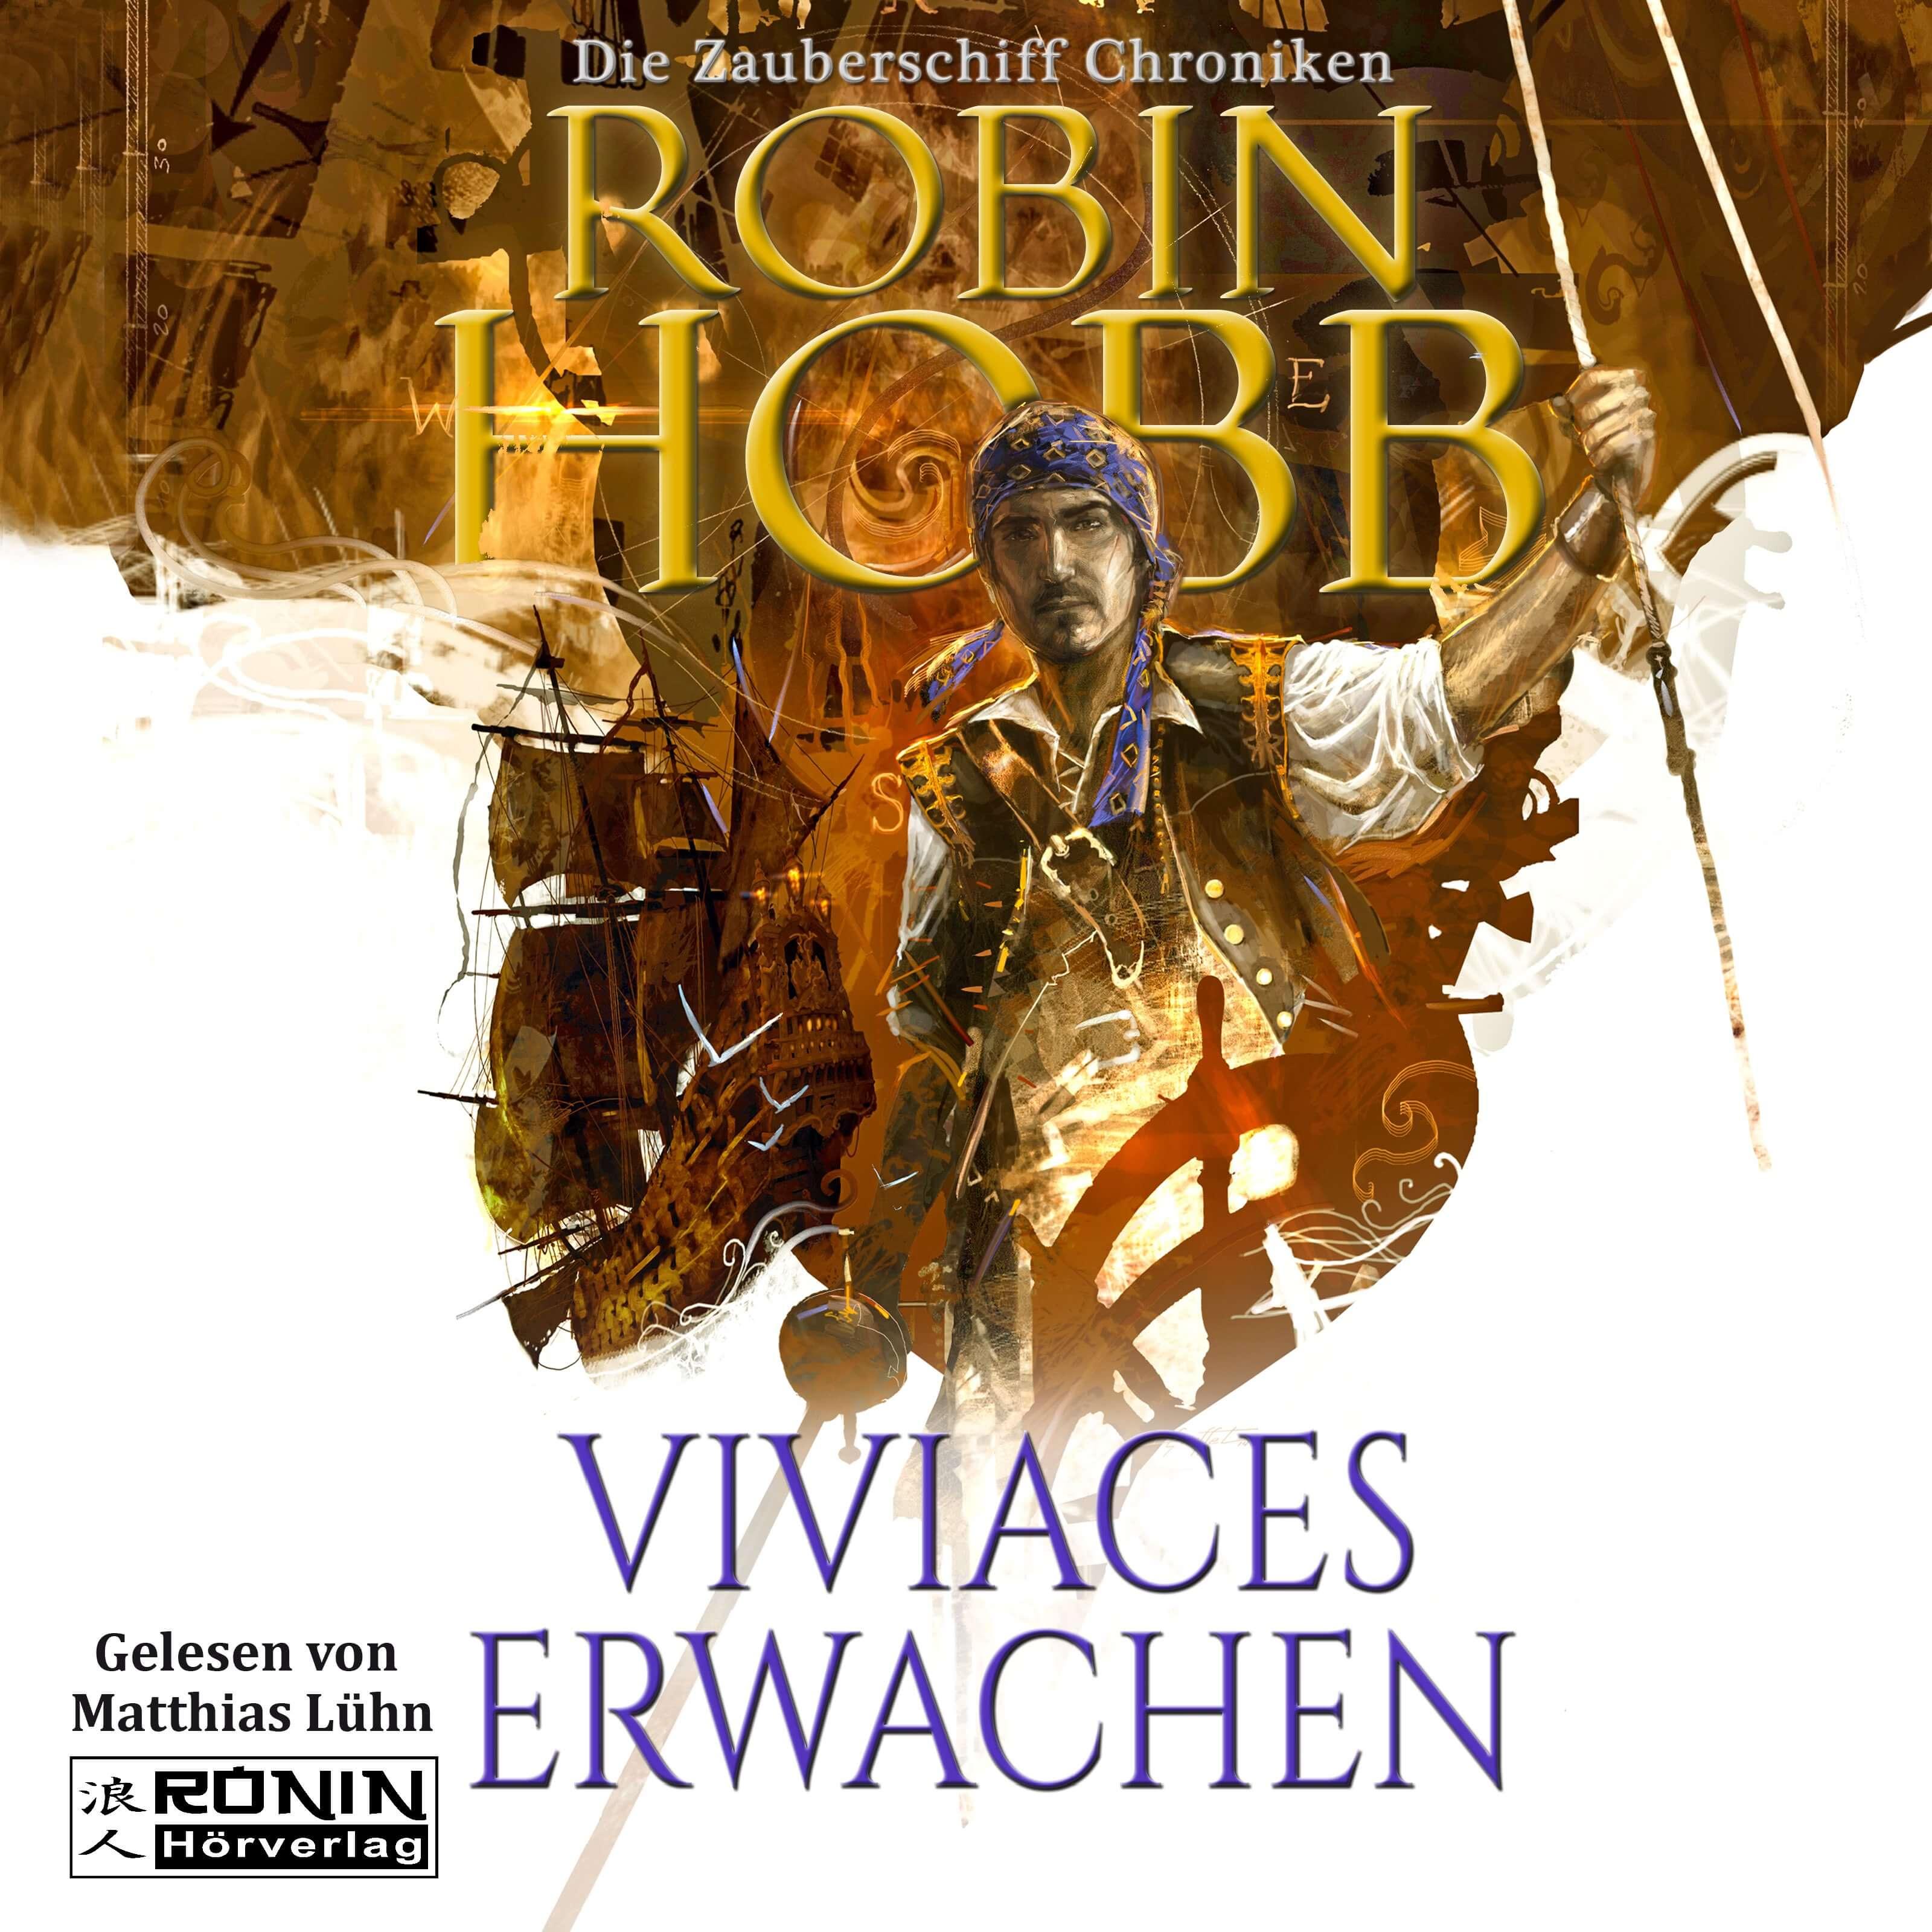 Viviaces Erwachen Book Cover